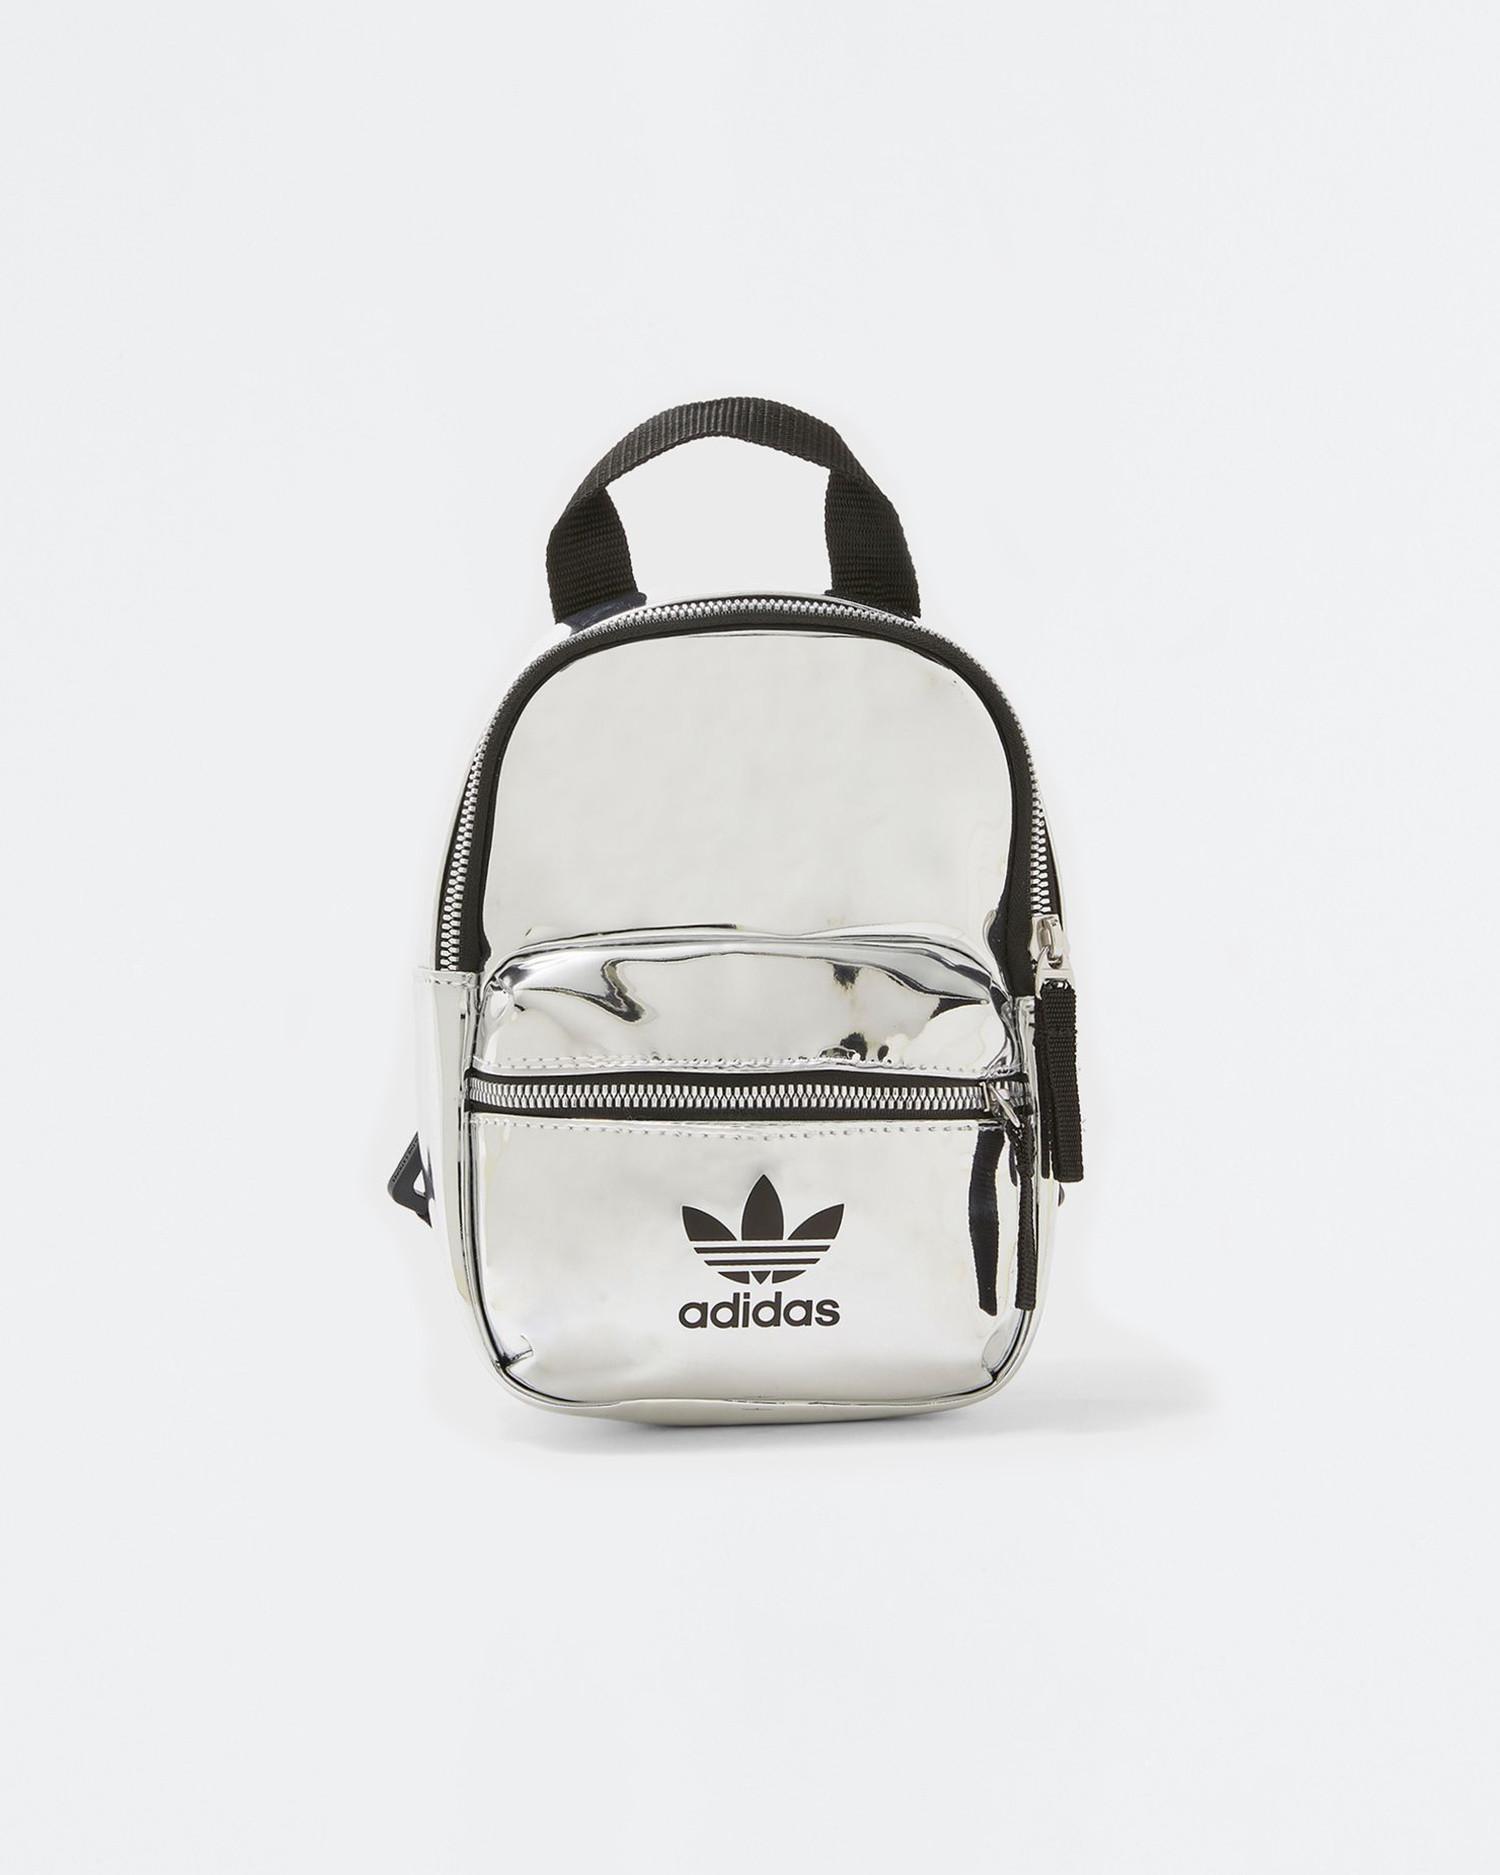 adidas Backpack Mini Pu Silver Metallic